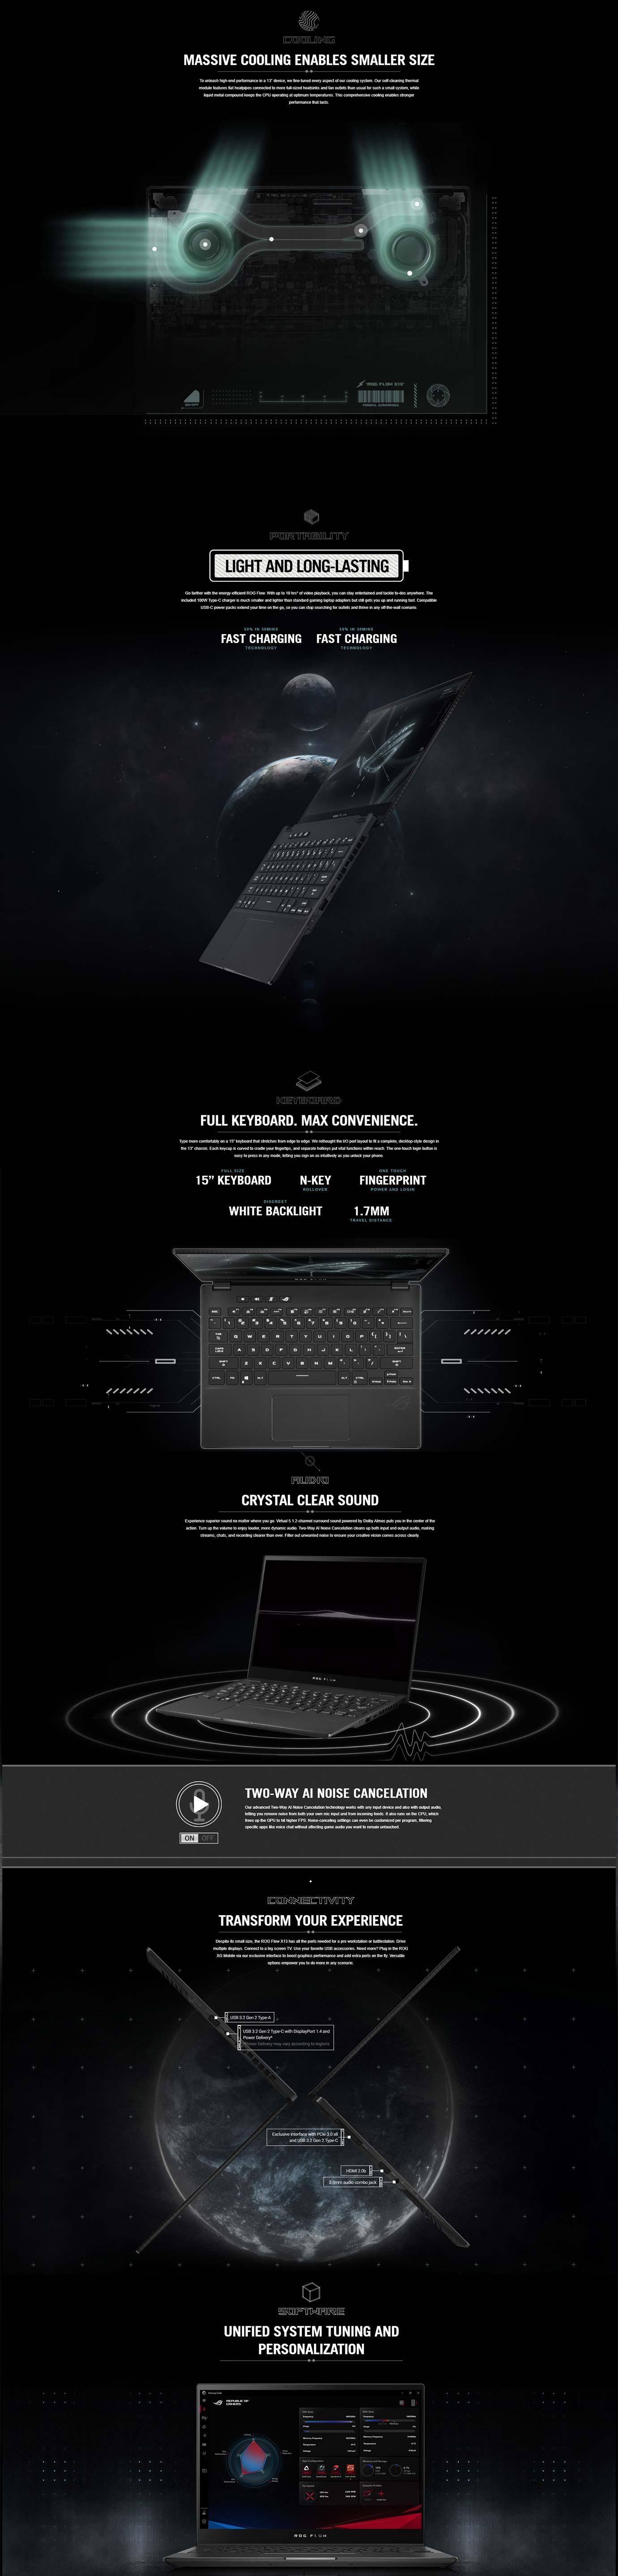 Asus ROG Flow X13 GV301 Laptop